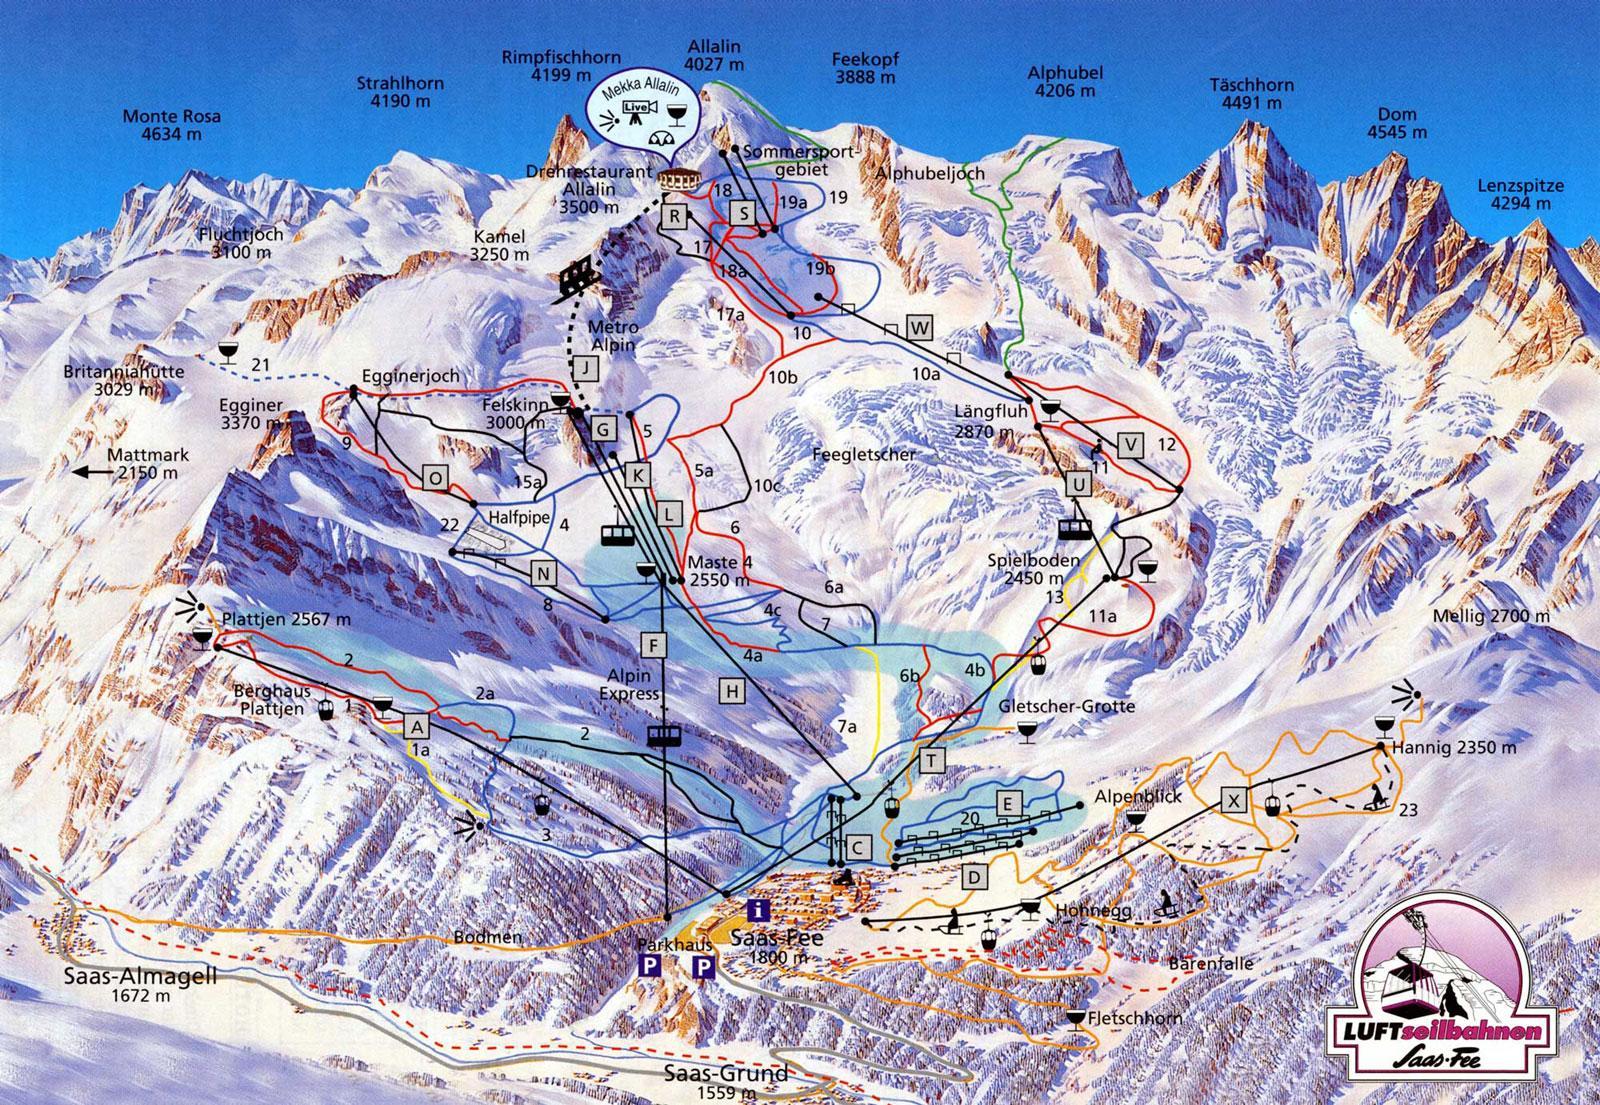 SaasFee Piste Map J2Ski